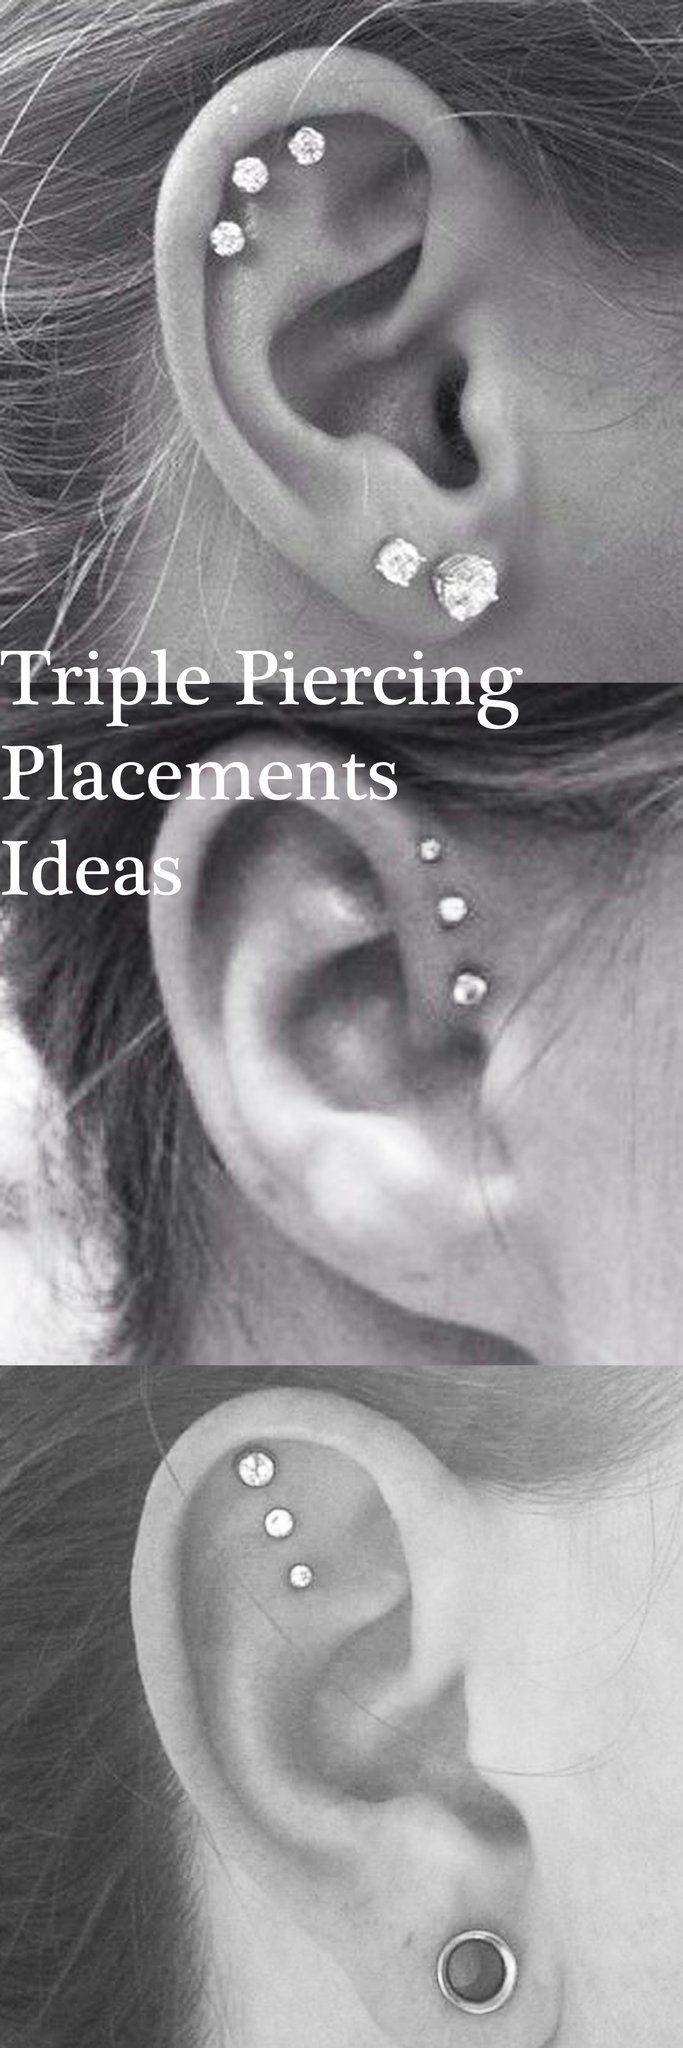 Cute piercing ideas ears   Free Ear Piercing Ideas  Pinterest  Forward helix earrings